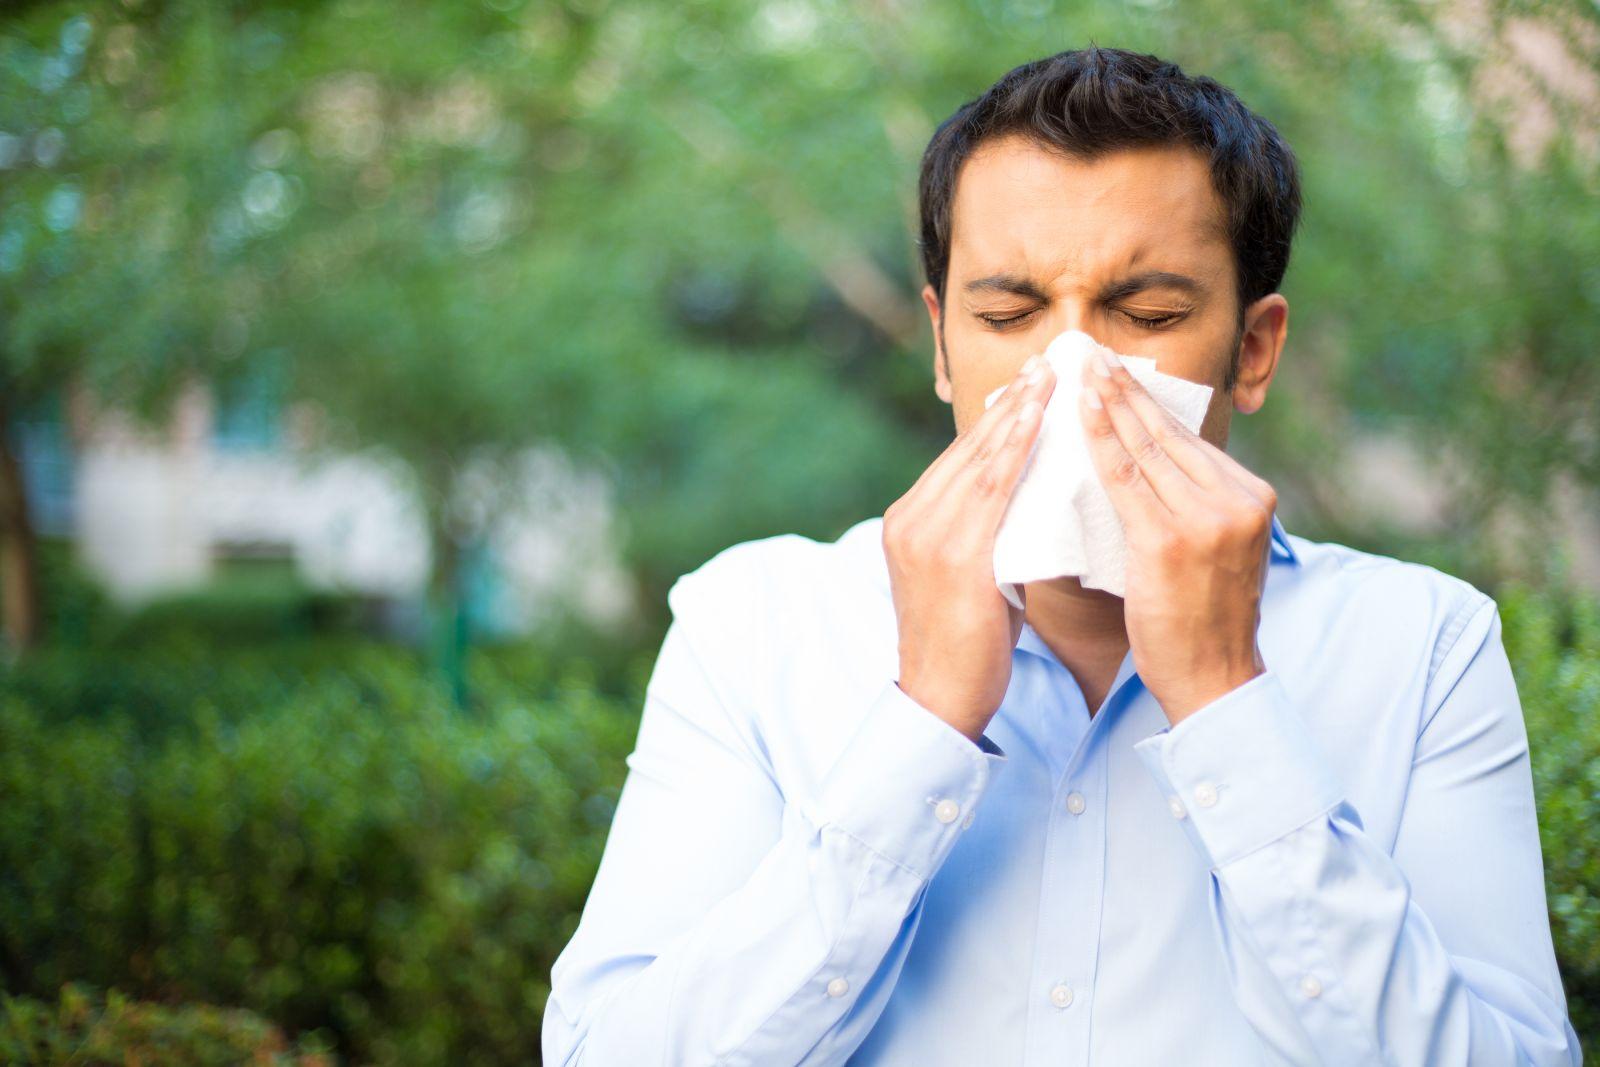 Sick-allergies-allergy.jpg